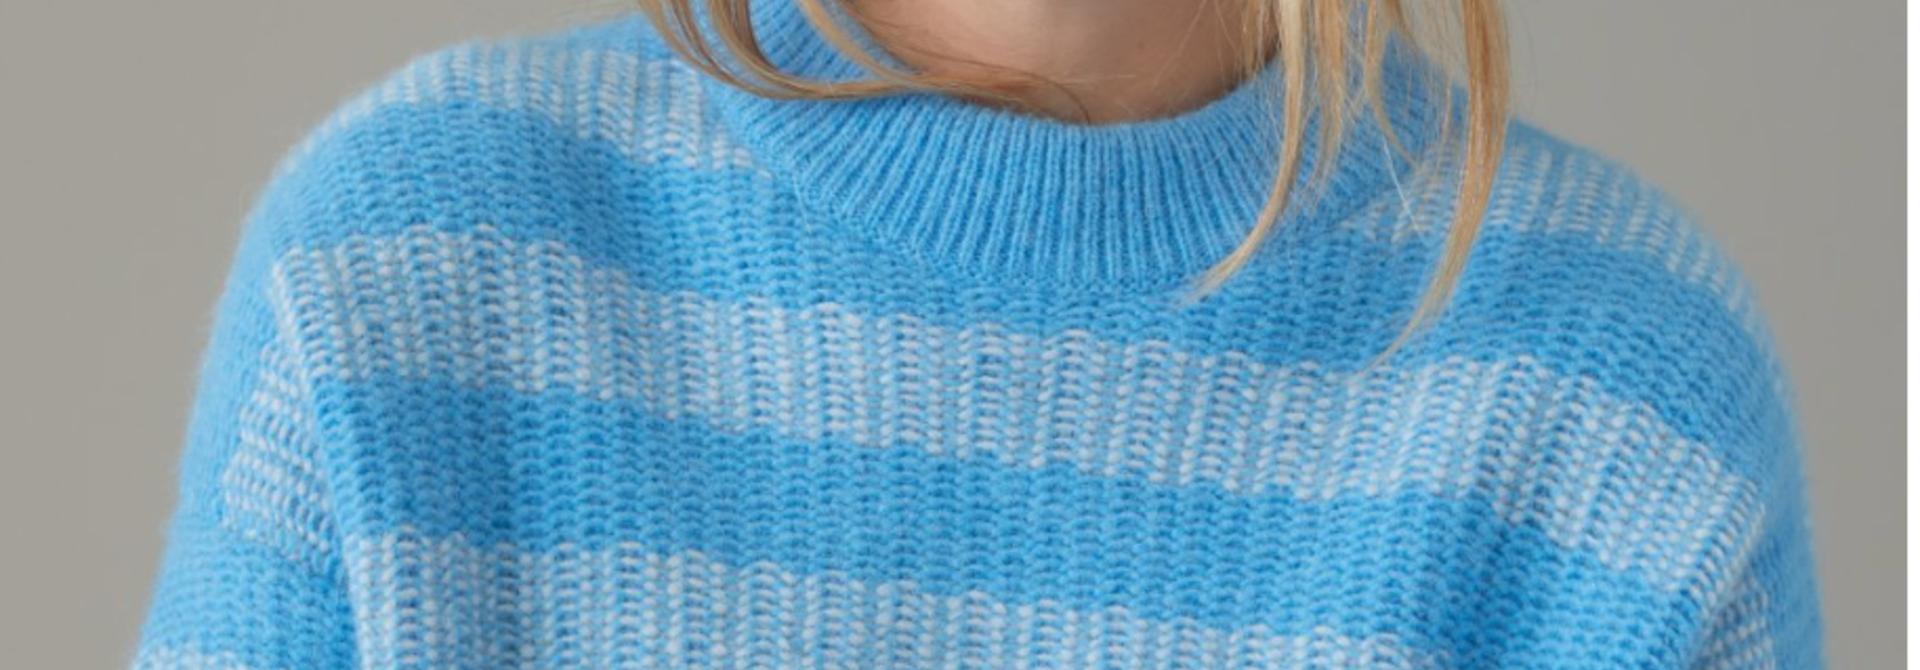 Knit heaven blue